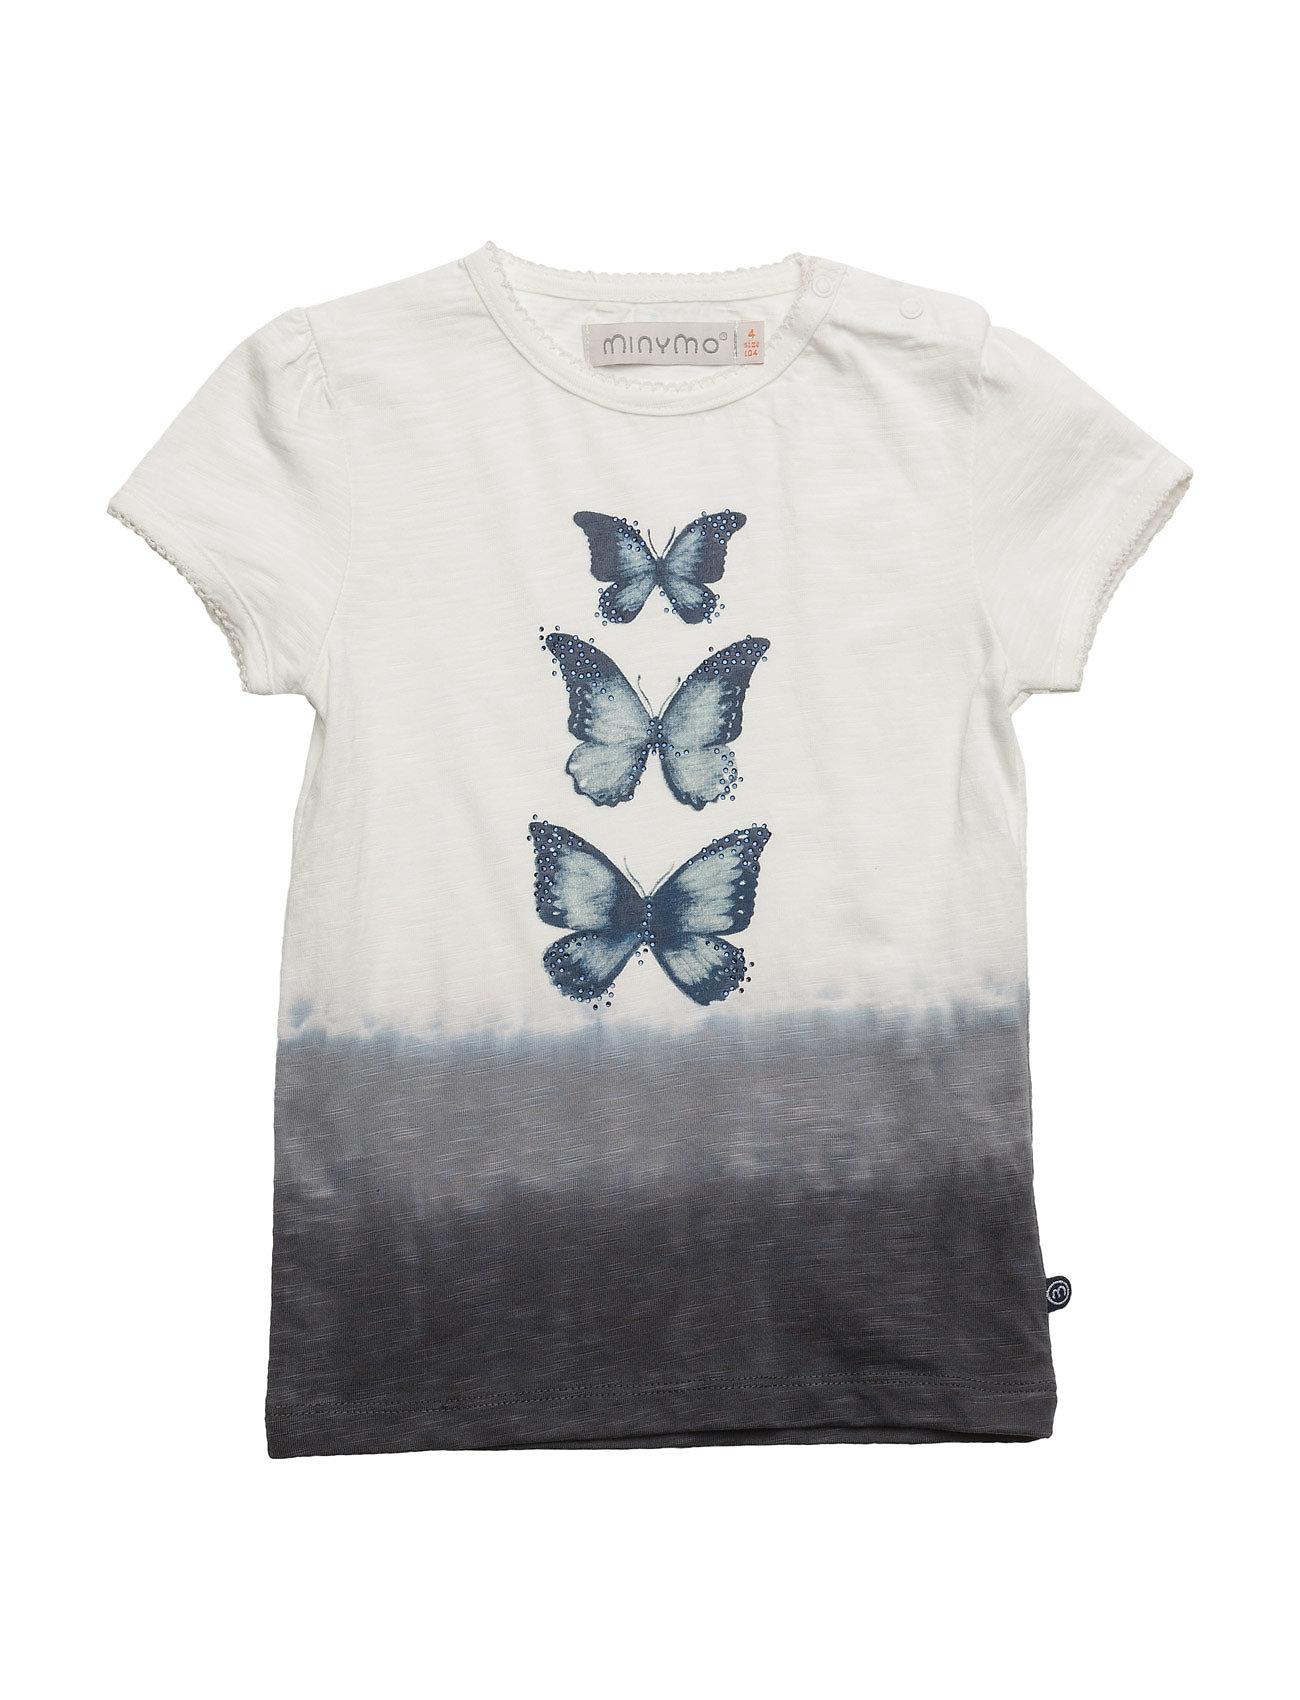 72 -T-Shirt Ss W. Butter - Minymo